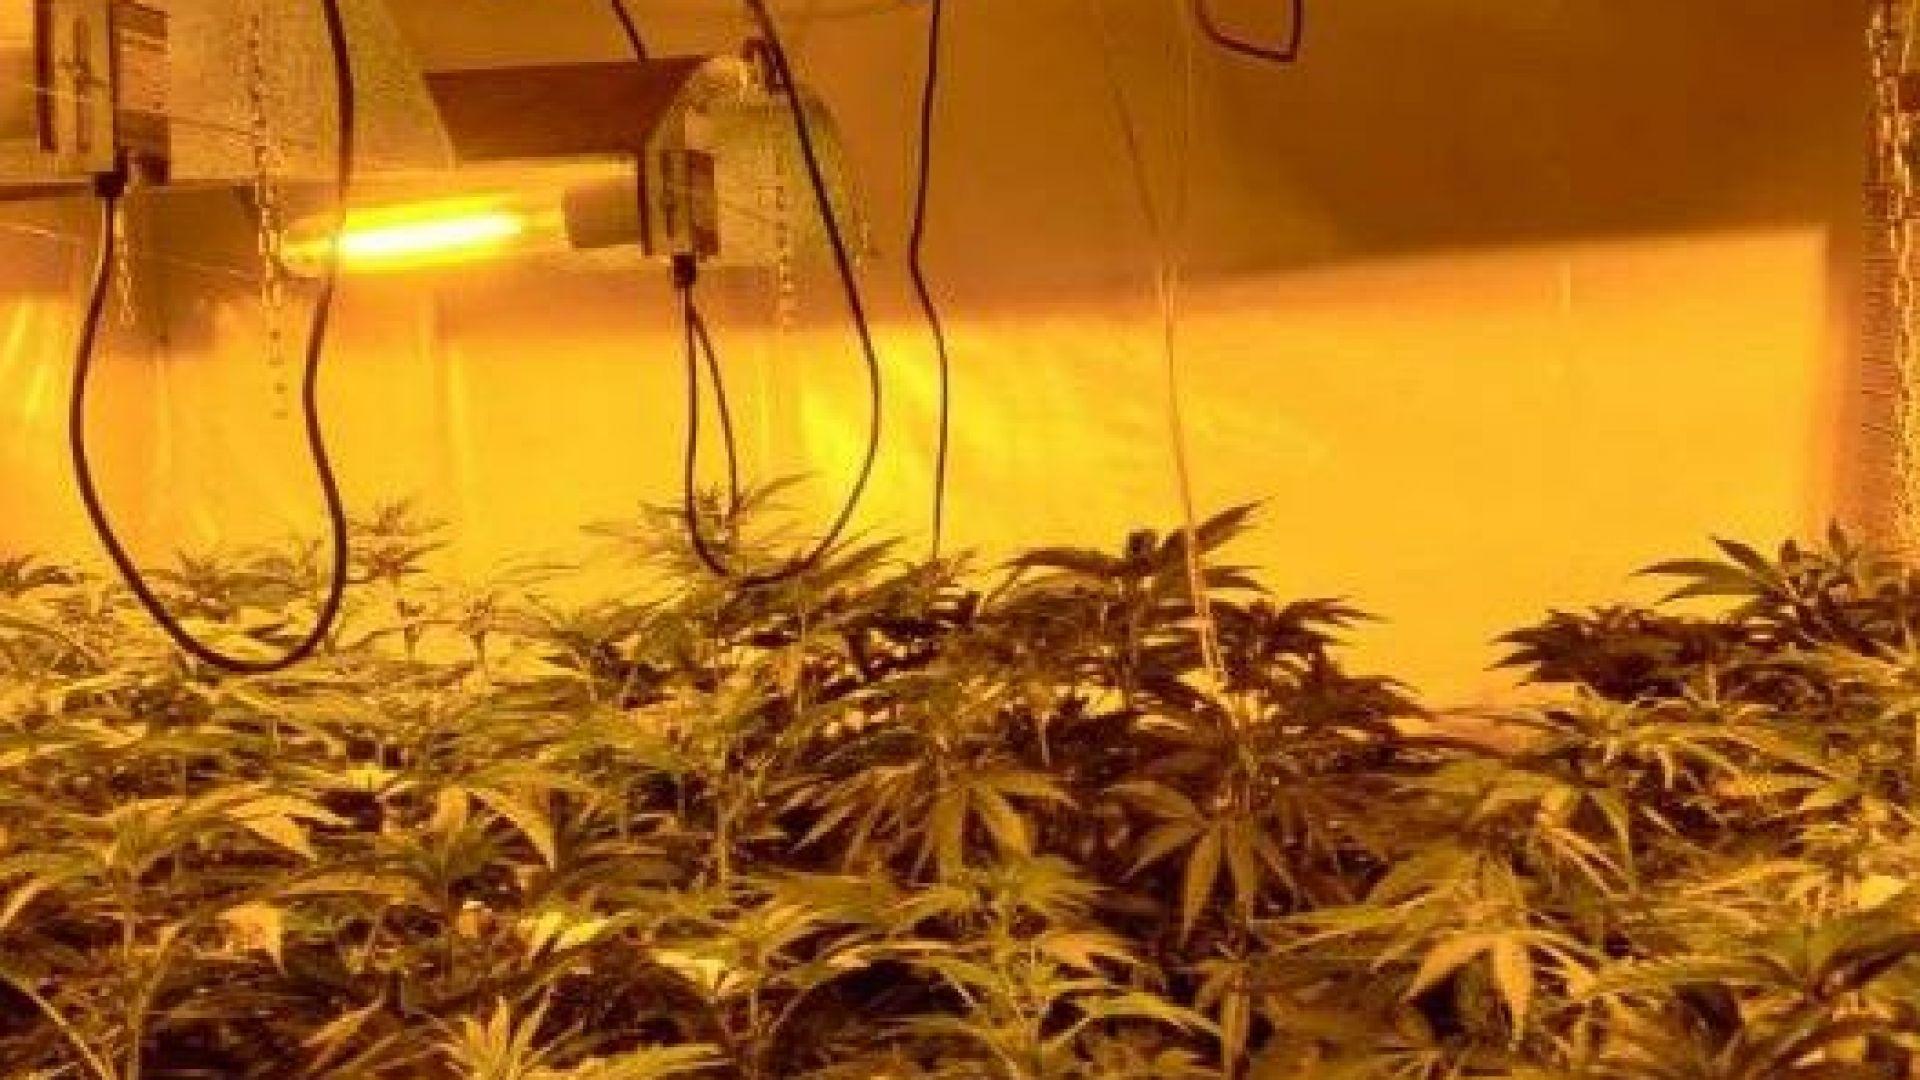 Откриха високотехнологична оранжерия за марихуана в Перник (снимки)